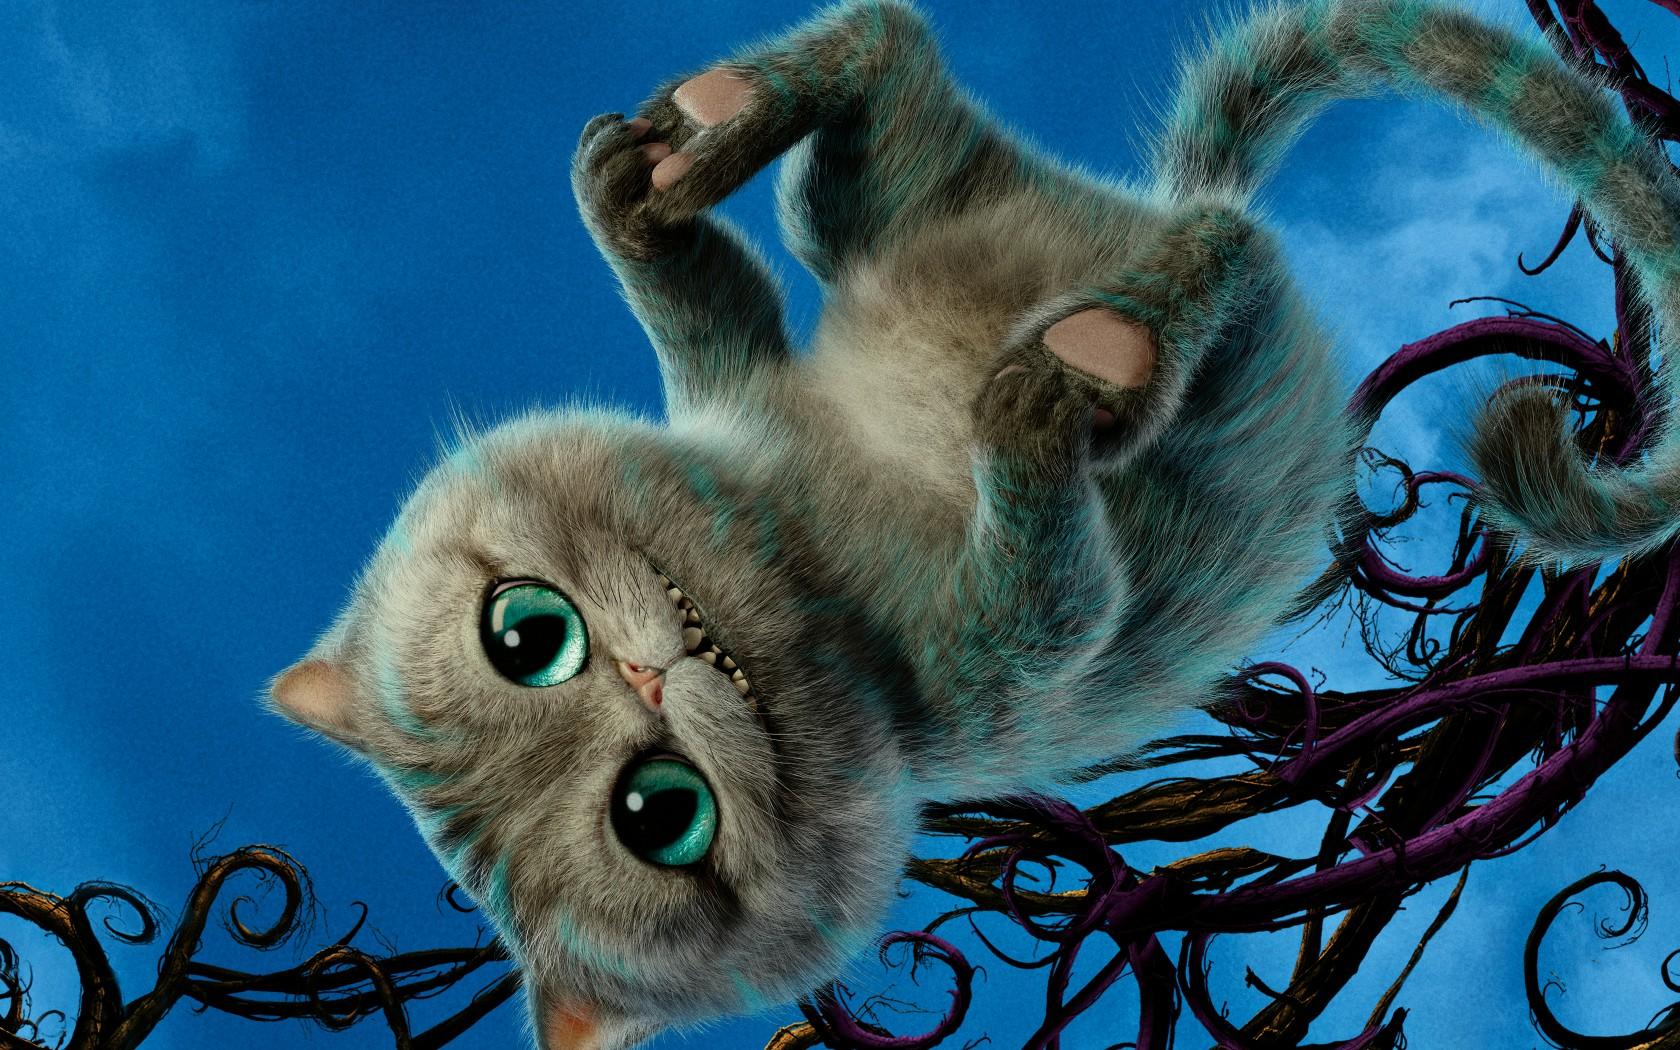 Sfondi illustrazione gatto cheshire cat blu barba alice attraverso lo specchio 2016 - Foto alice attraverso lo specchio ...